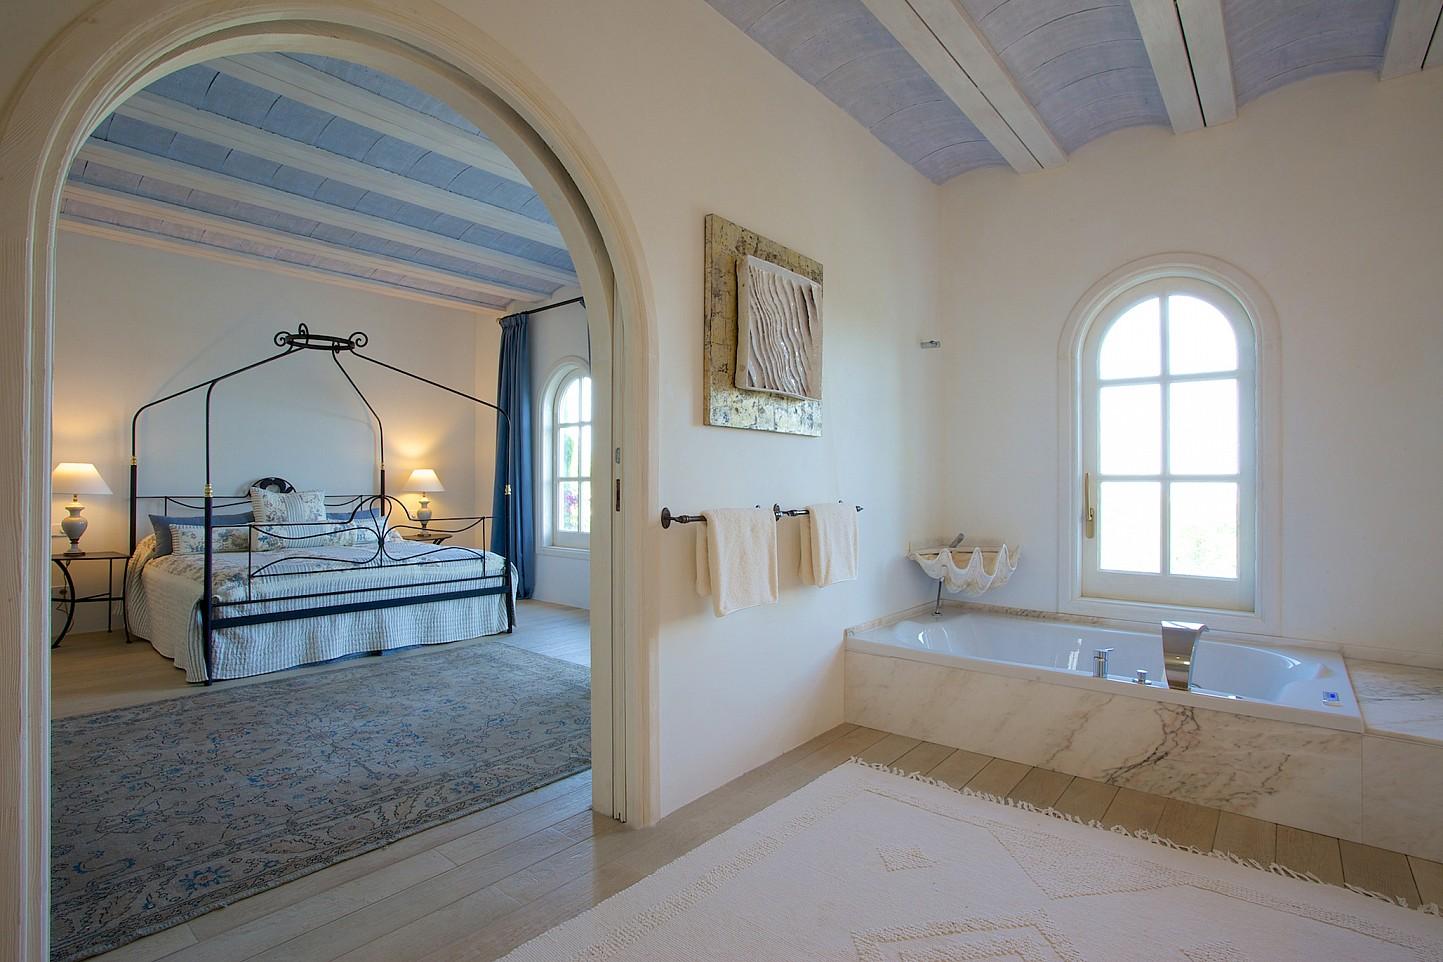 Vistes interiors d'un dels dormitoris amb bany en suite i banyera d'hidromassatge